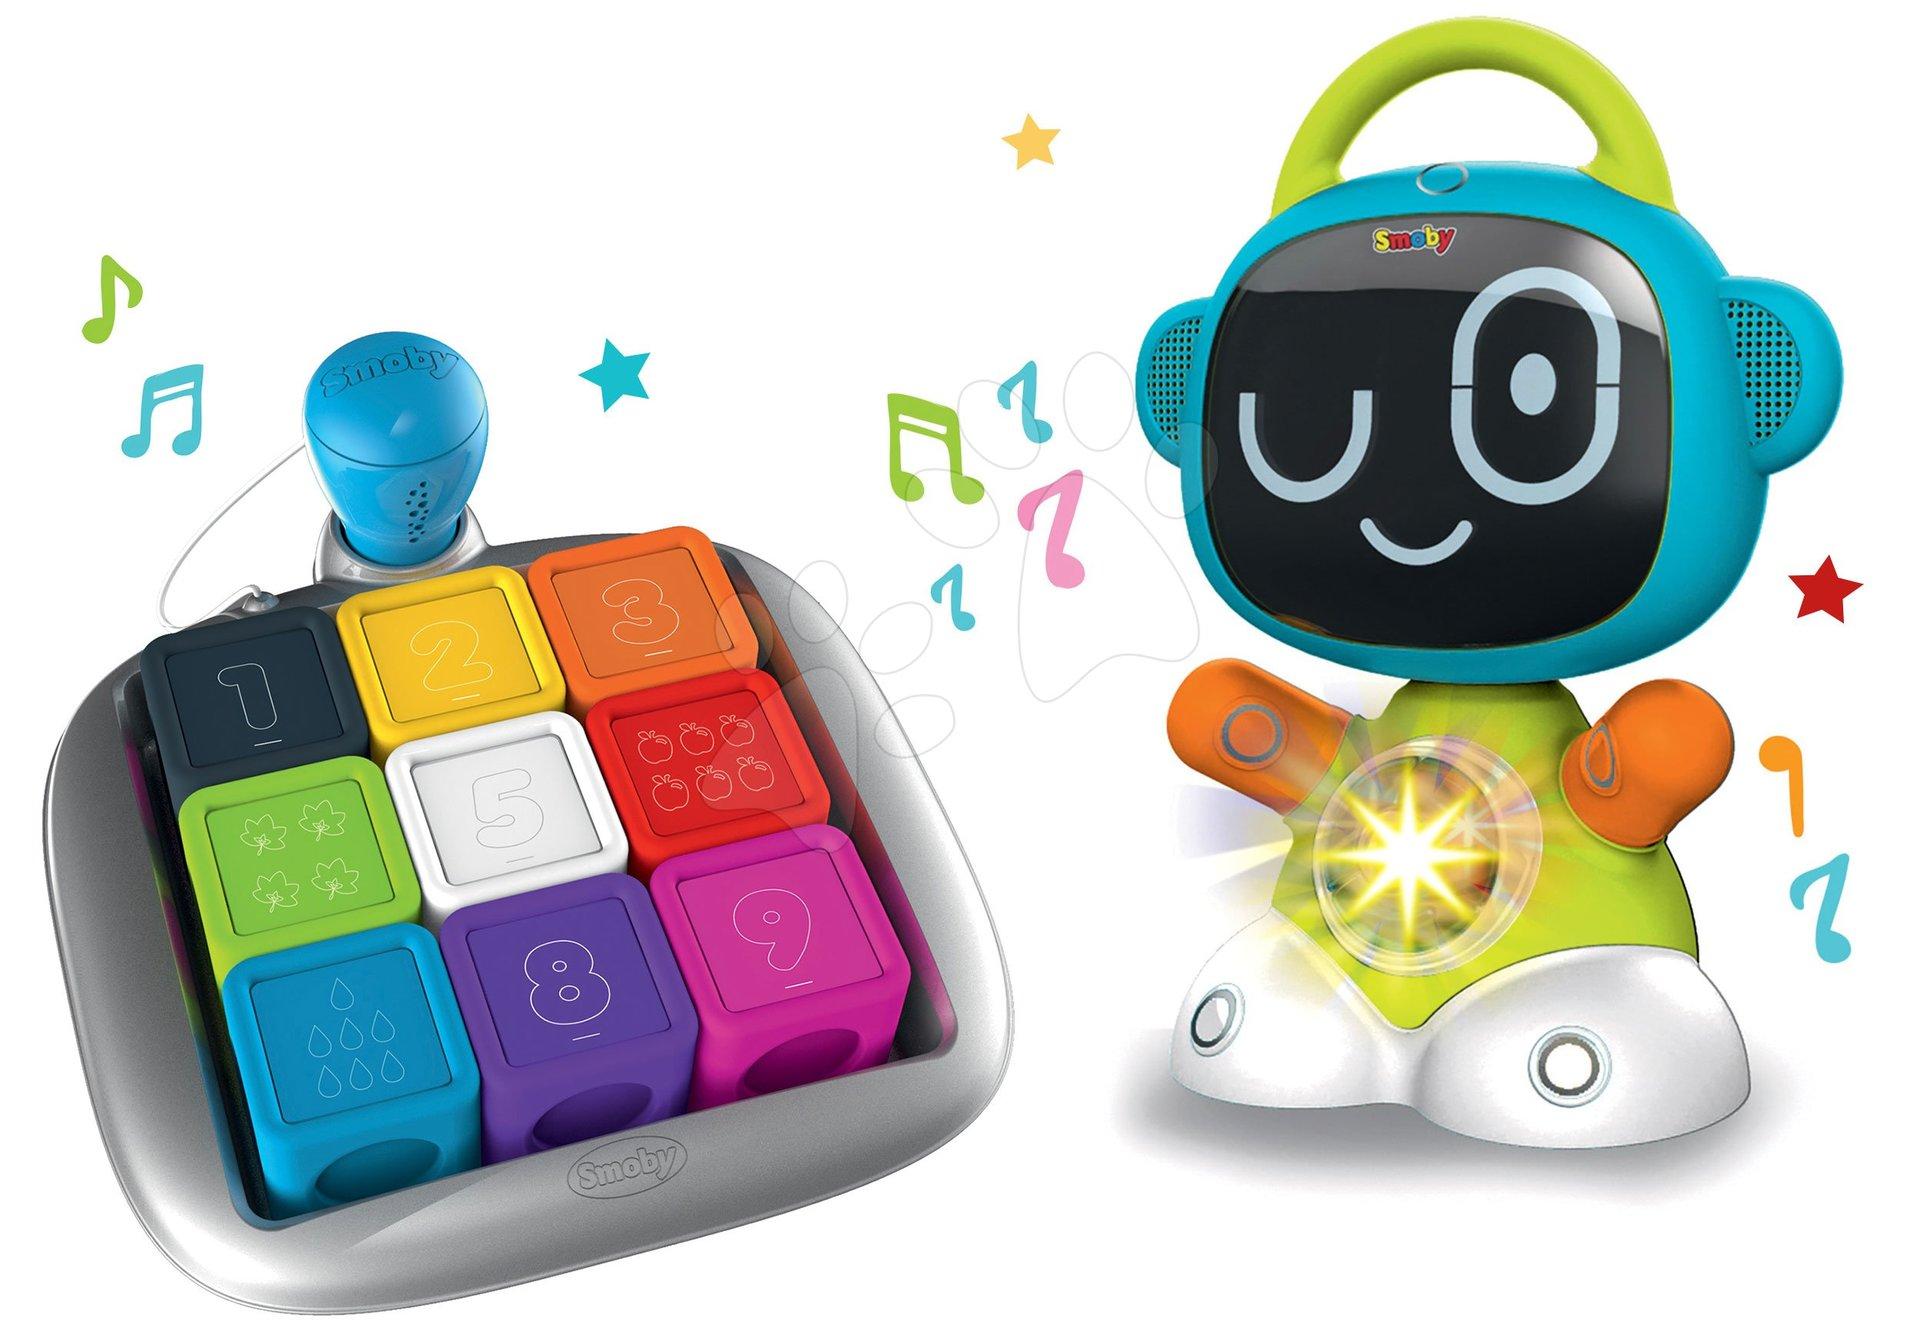 Hračky pro miminka - Set interaktivní Robot TIC Smart Smoby s 3 naučnými hrami a chytrá hra kostky